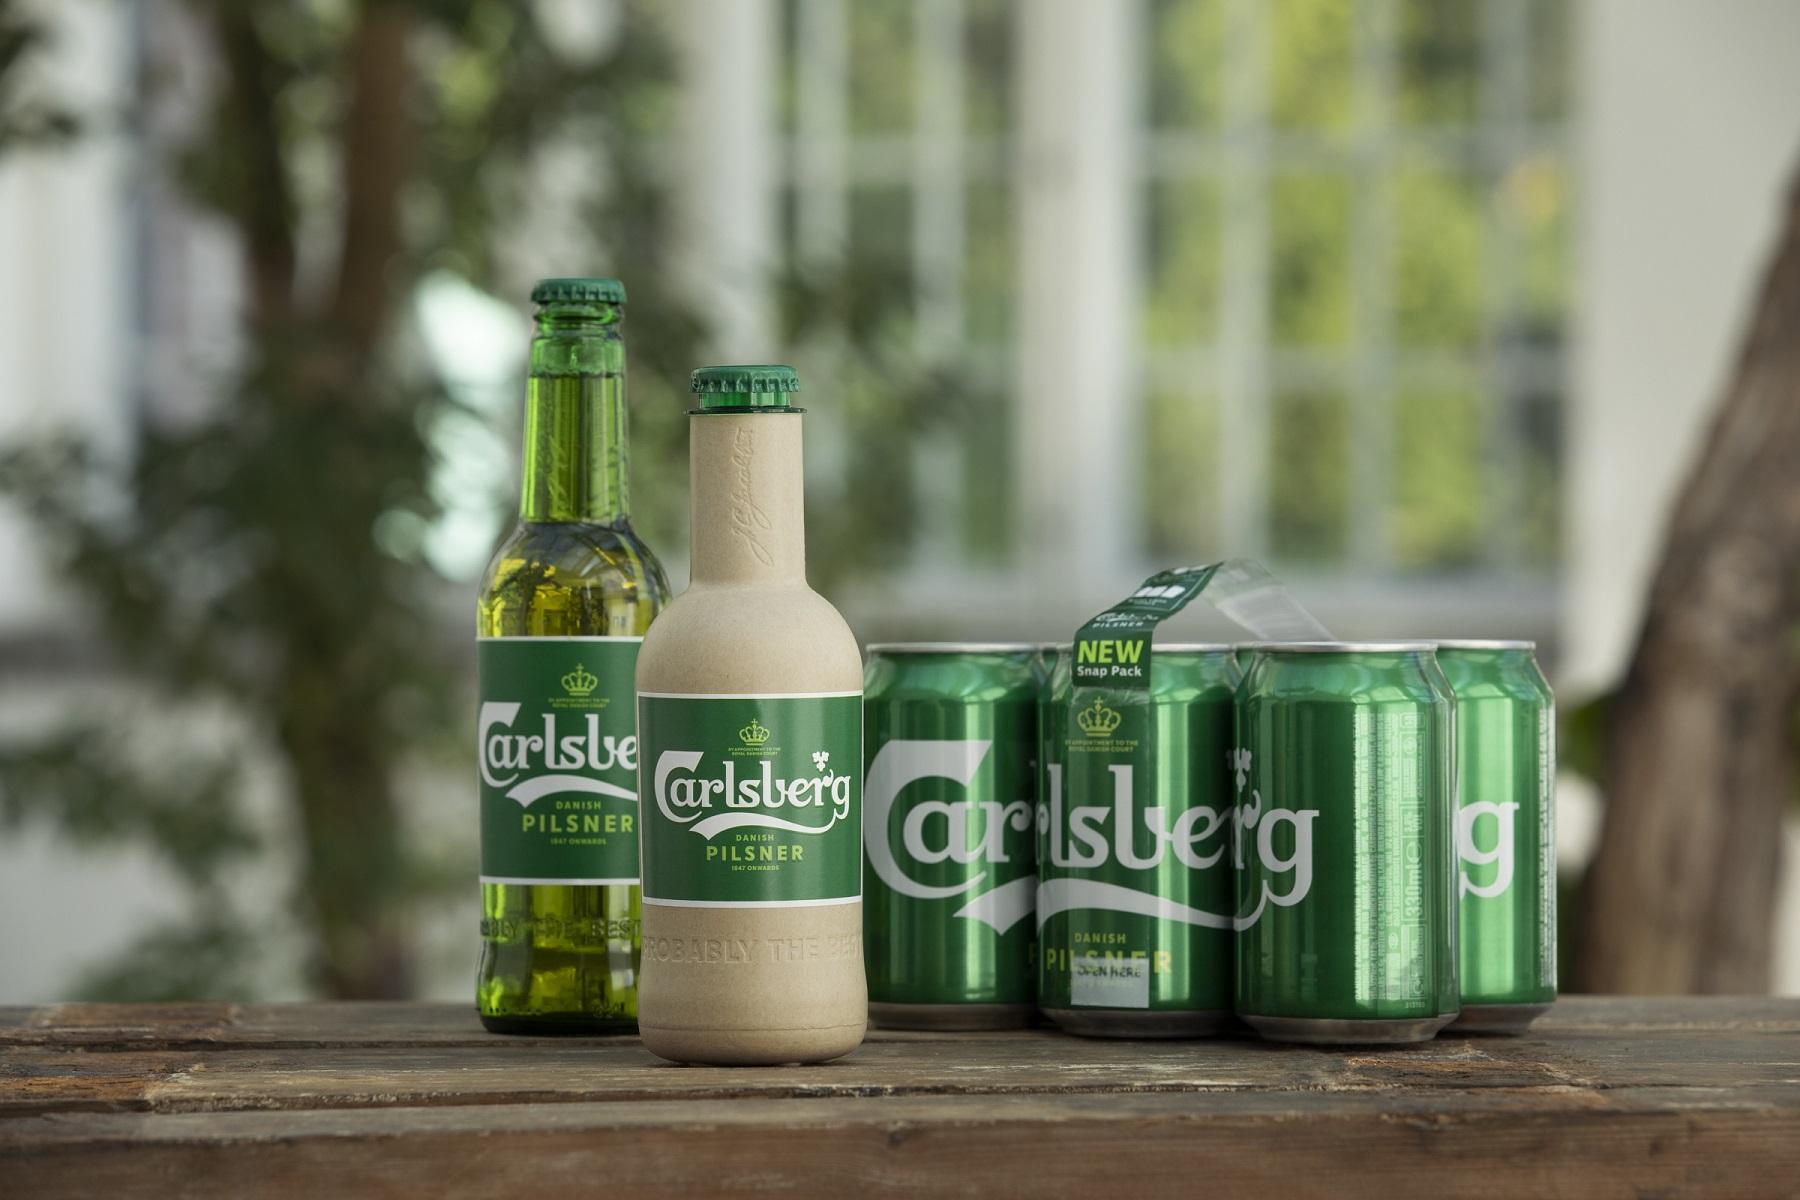 Carlsberg vyvíjí papírovou lahev na pivo